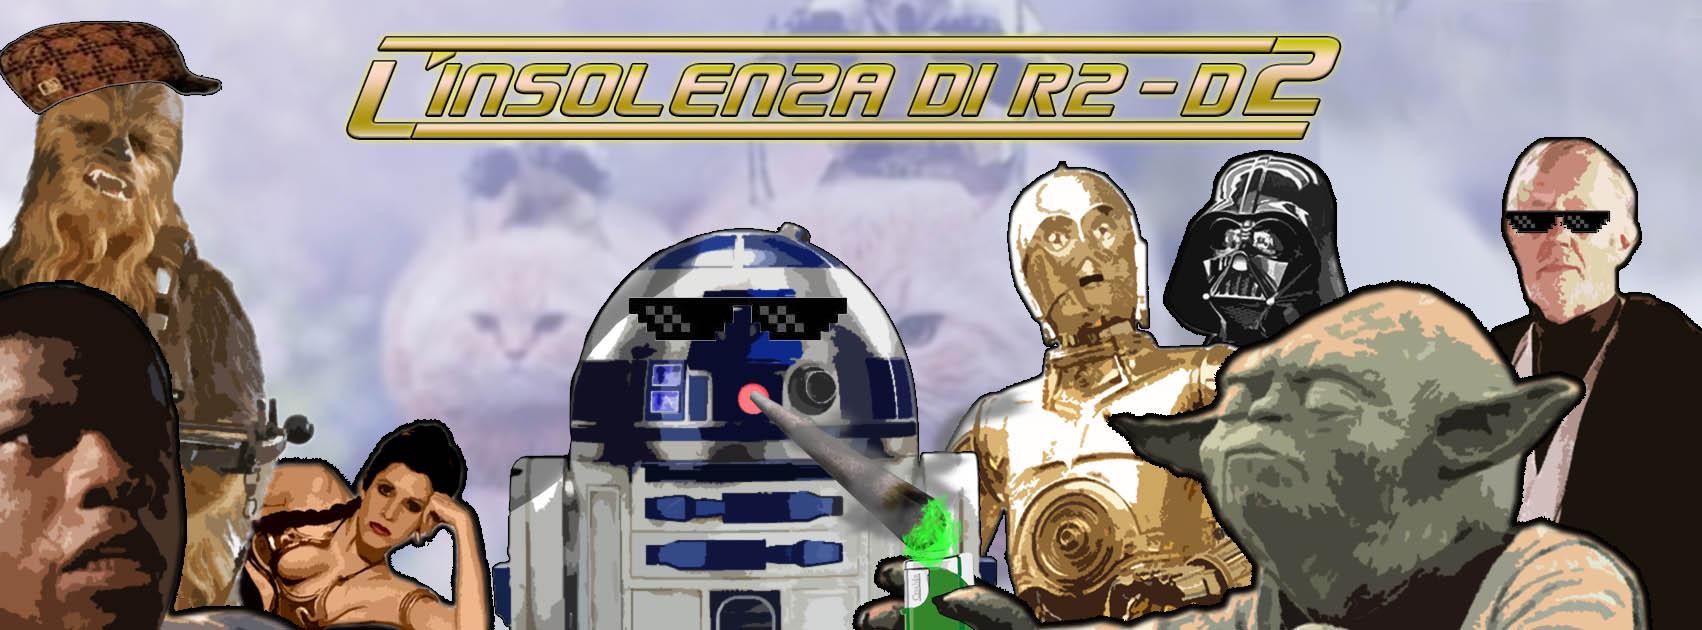 L'Insolenza di R2-D2 - Un sito insolente